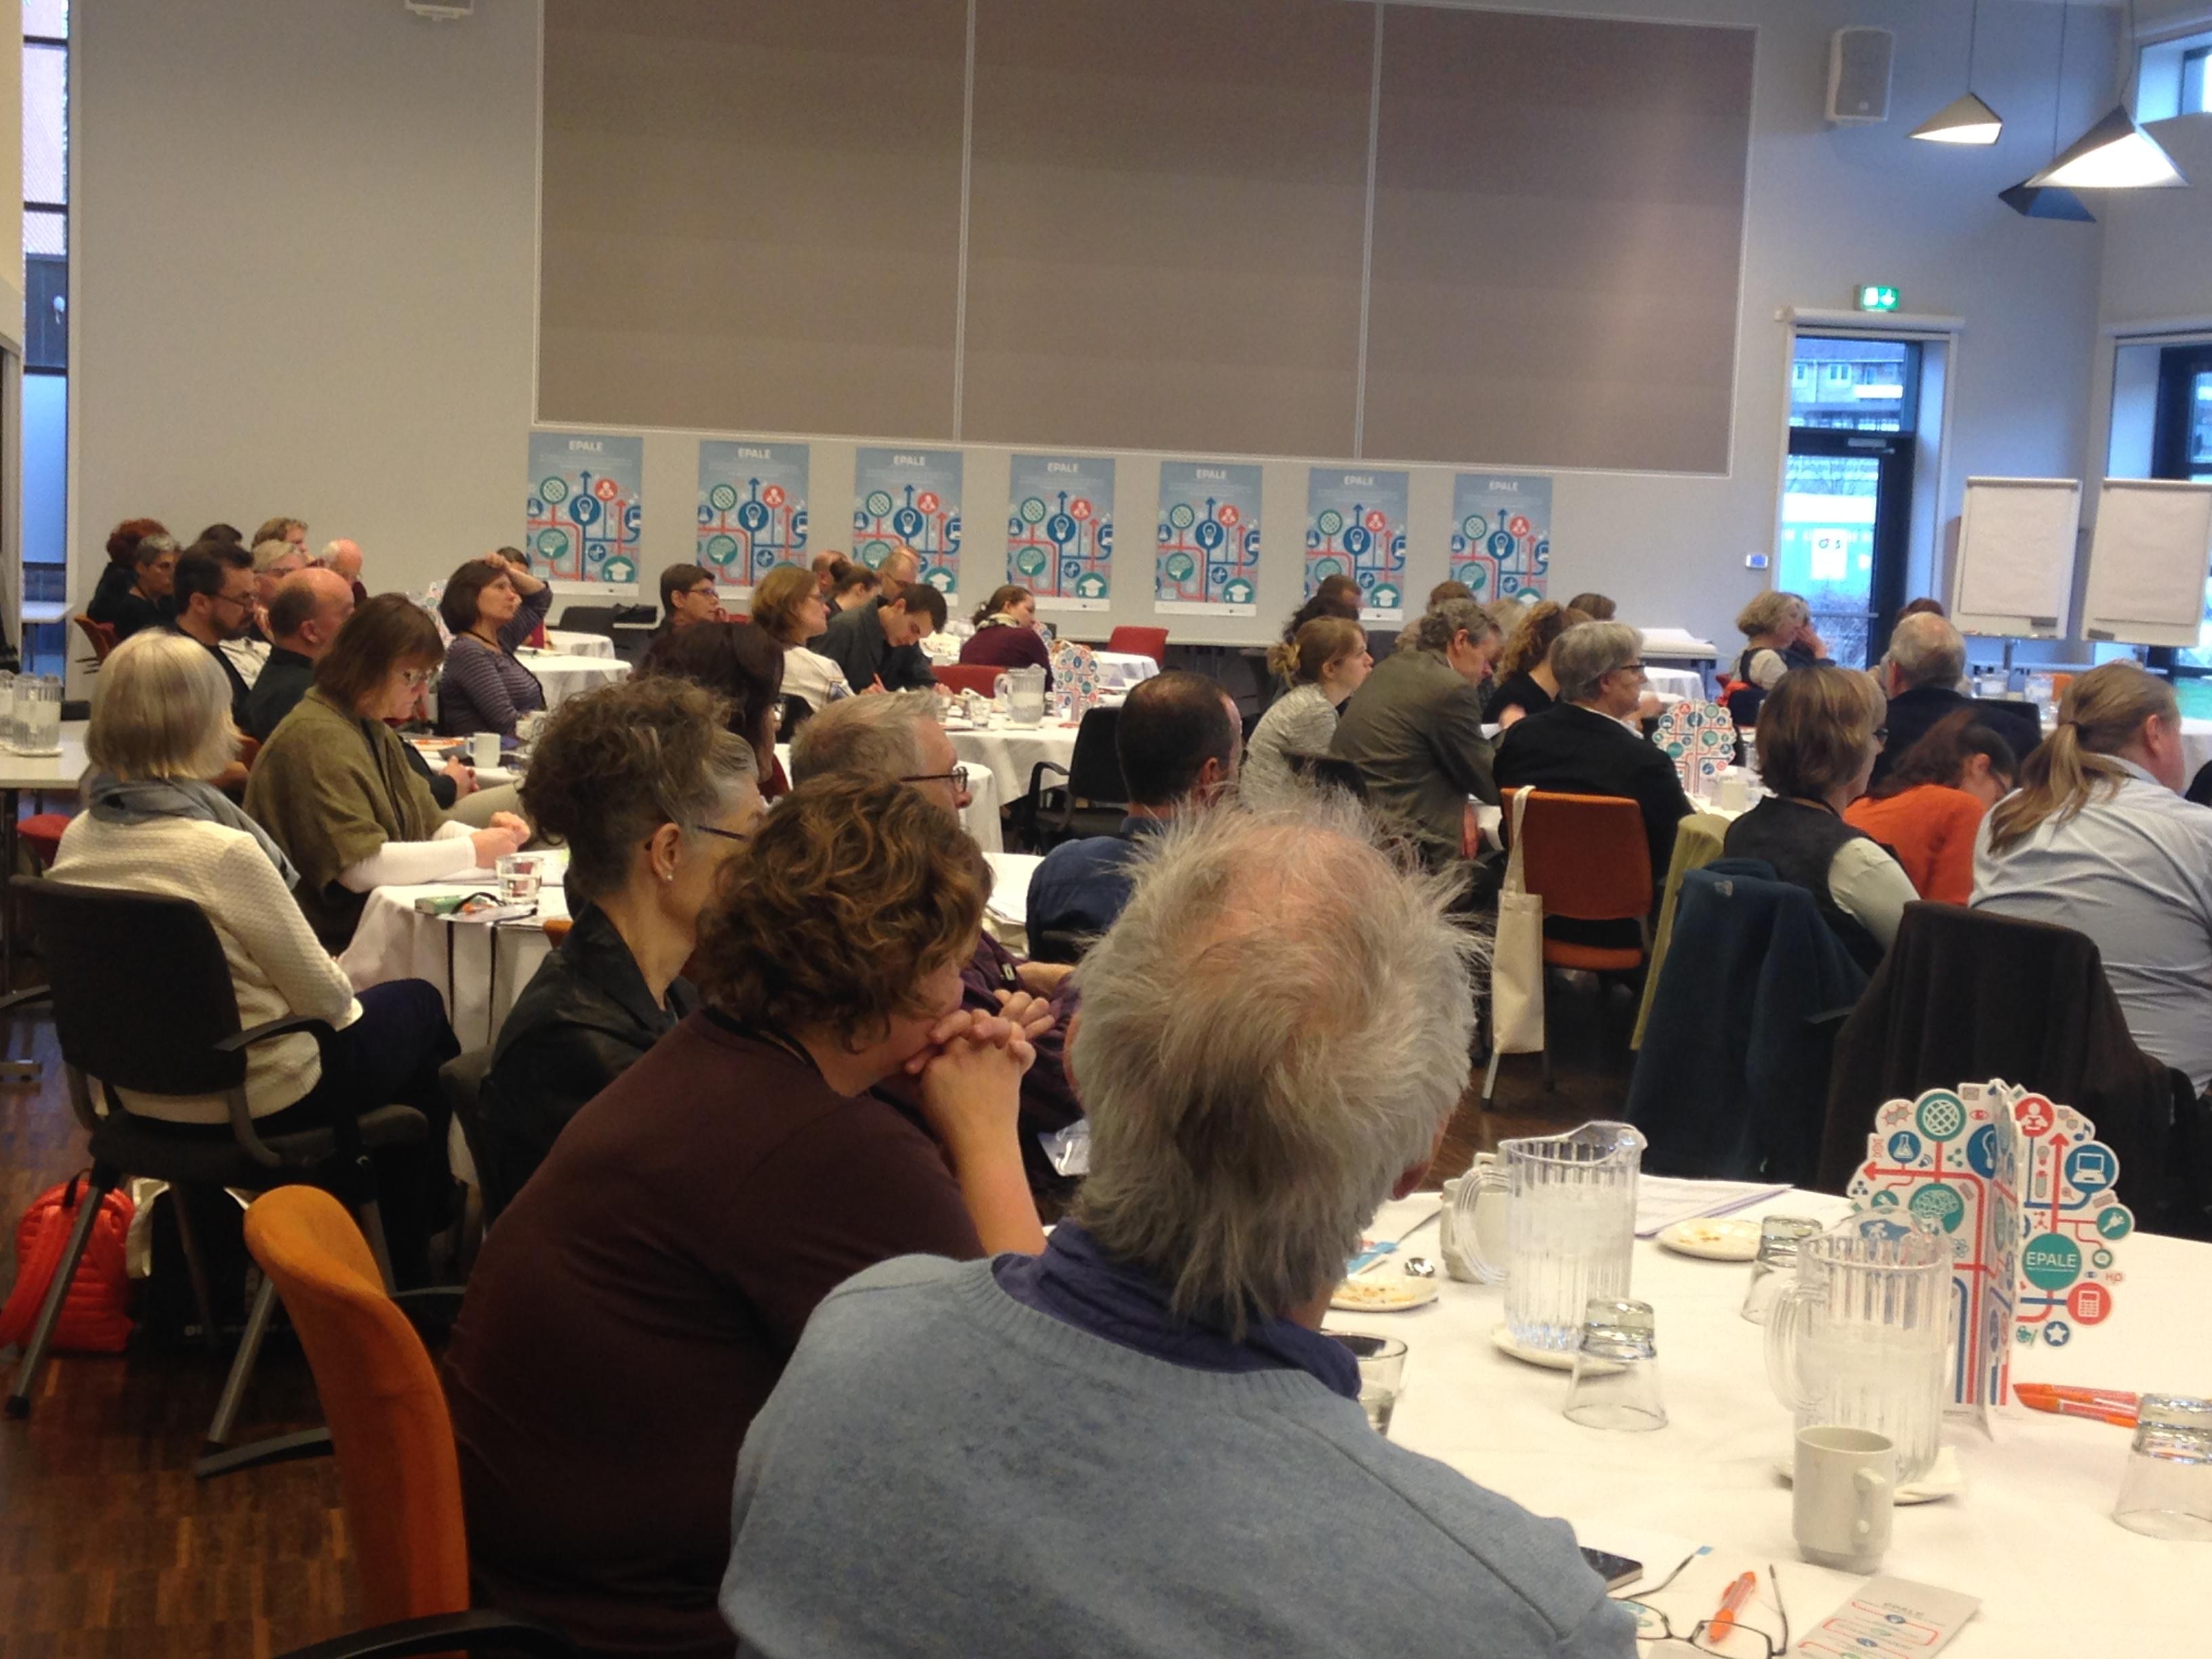 Konference: Uddannelsesindsatser for voksne flygtninge